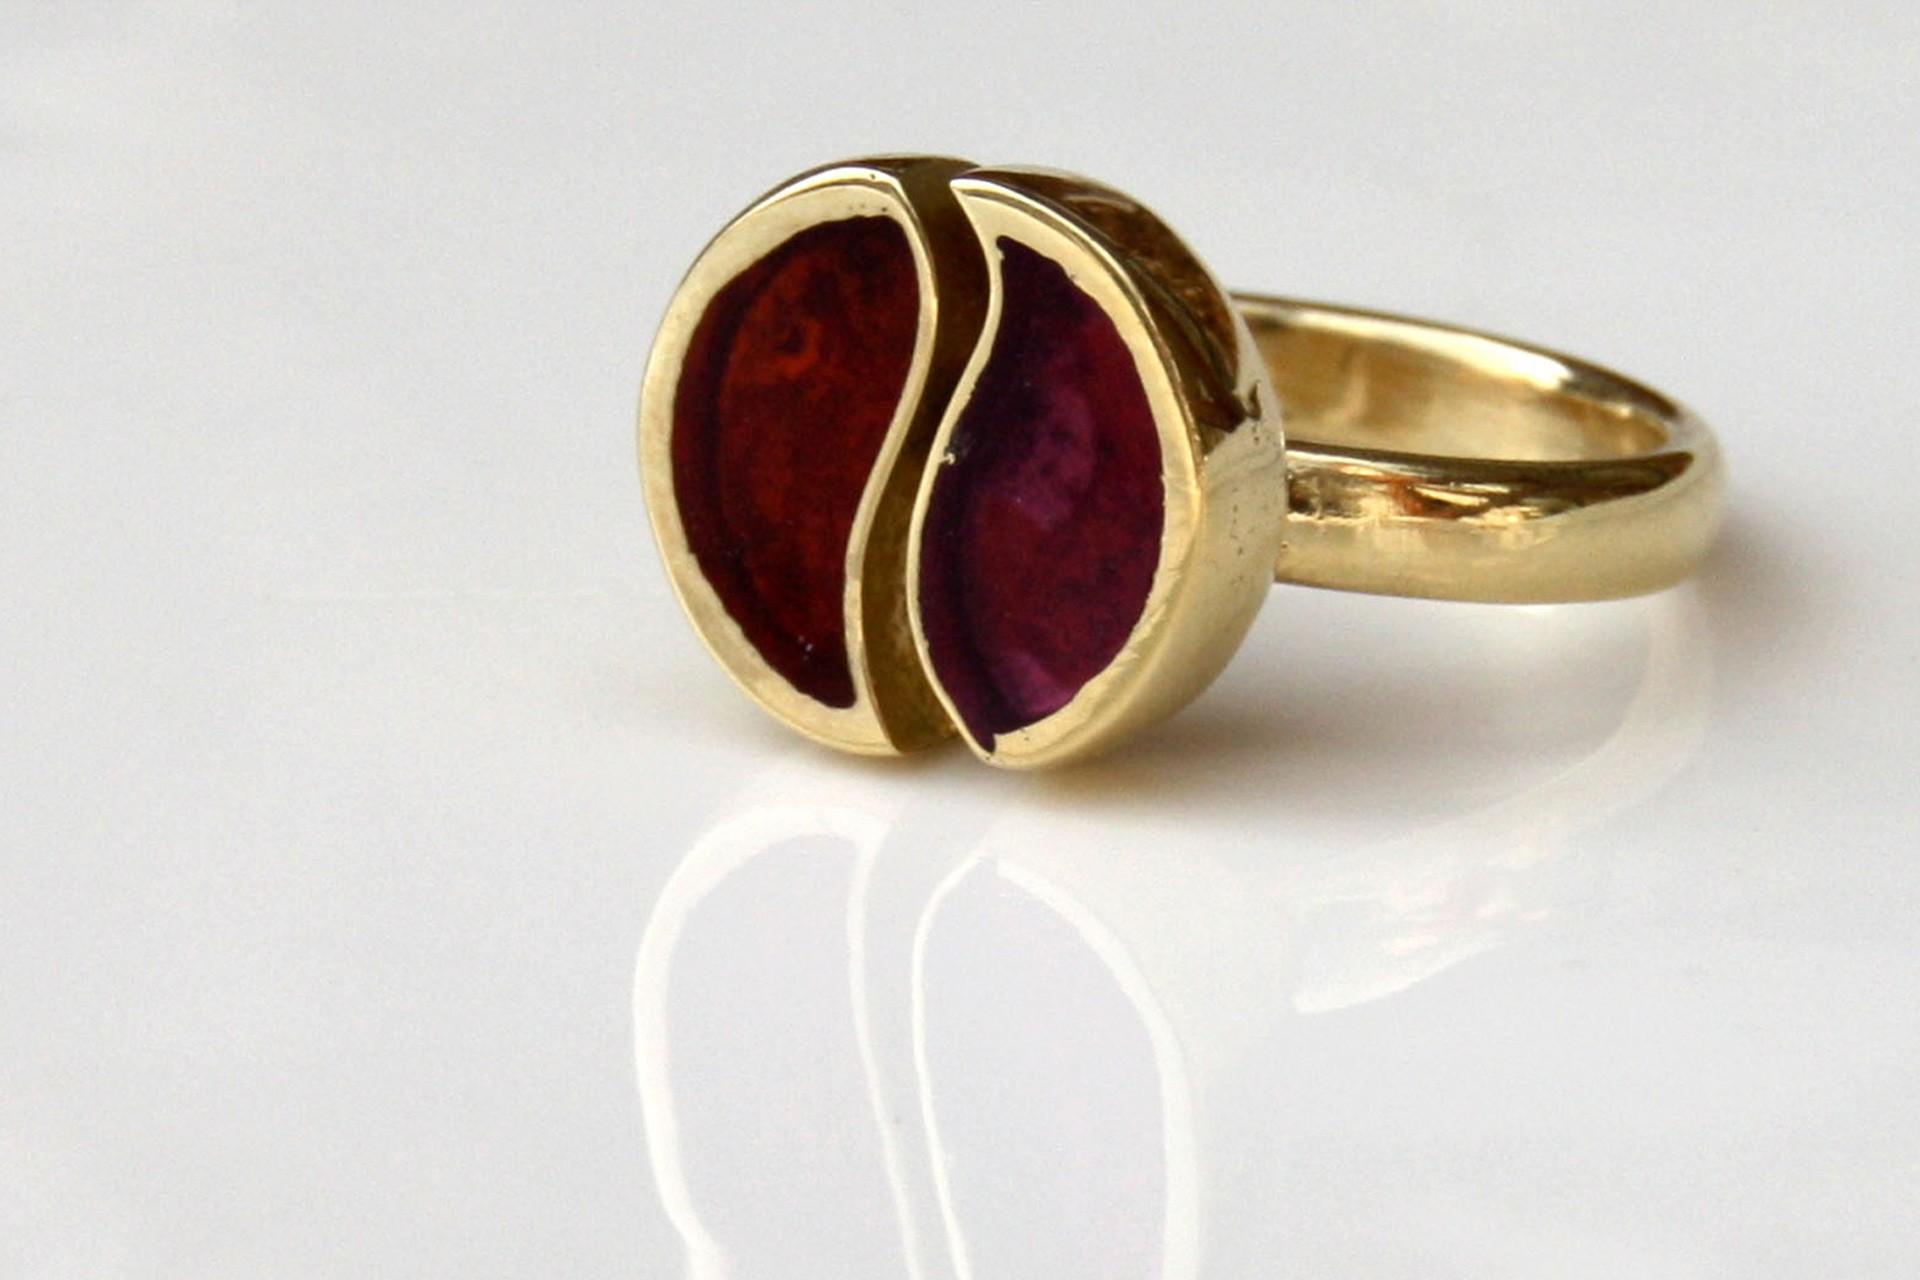 טבעת יין ויאנג בשני צבעים